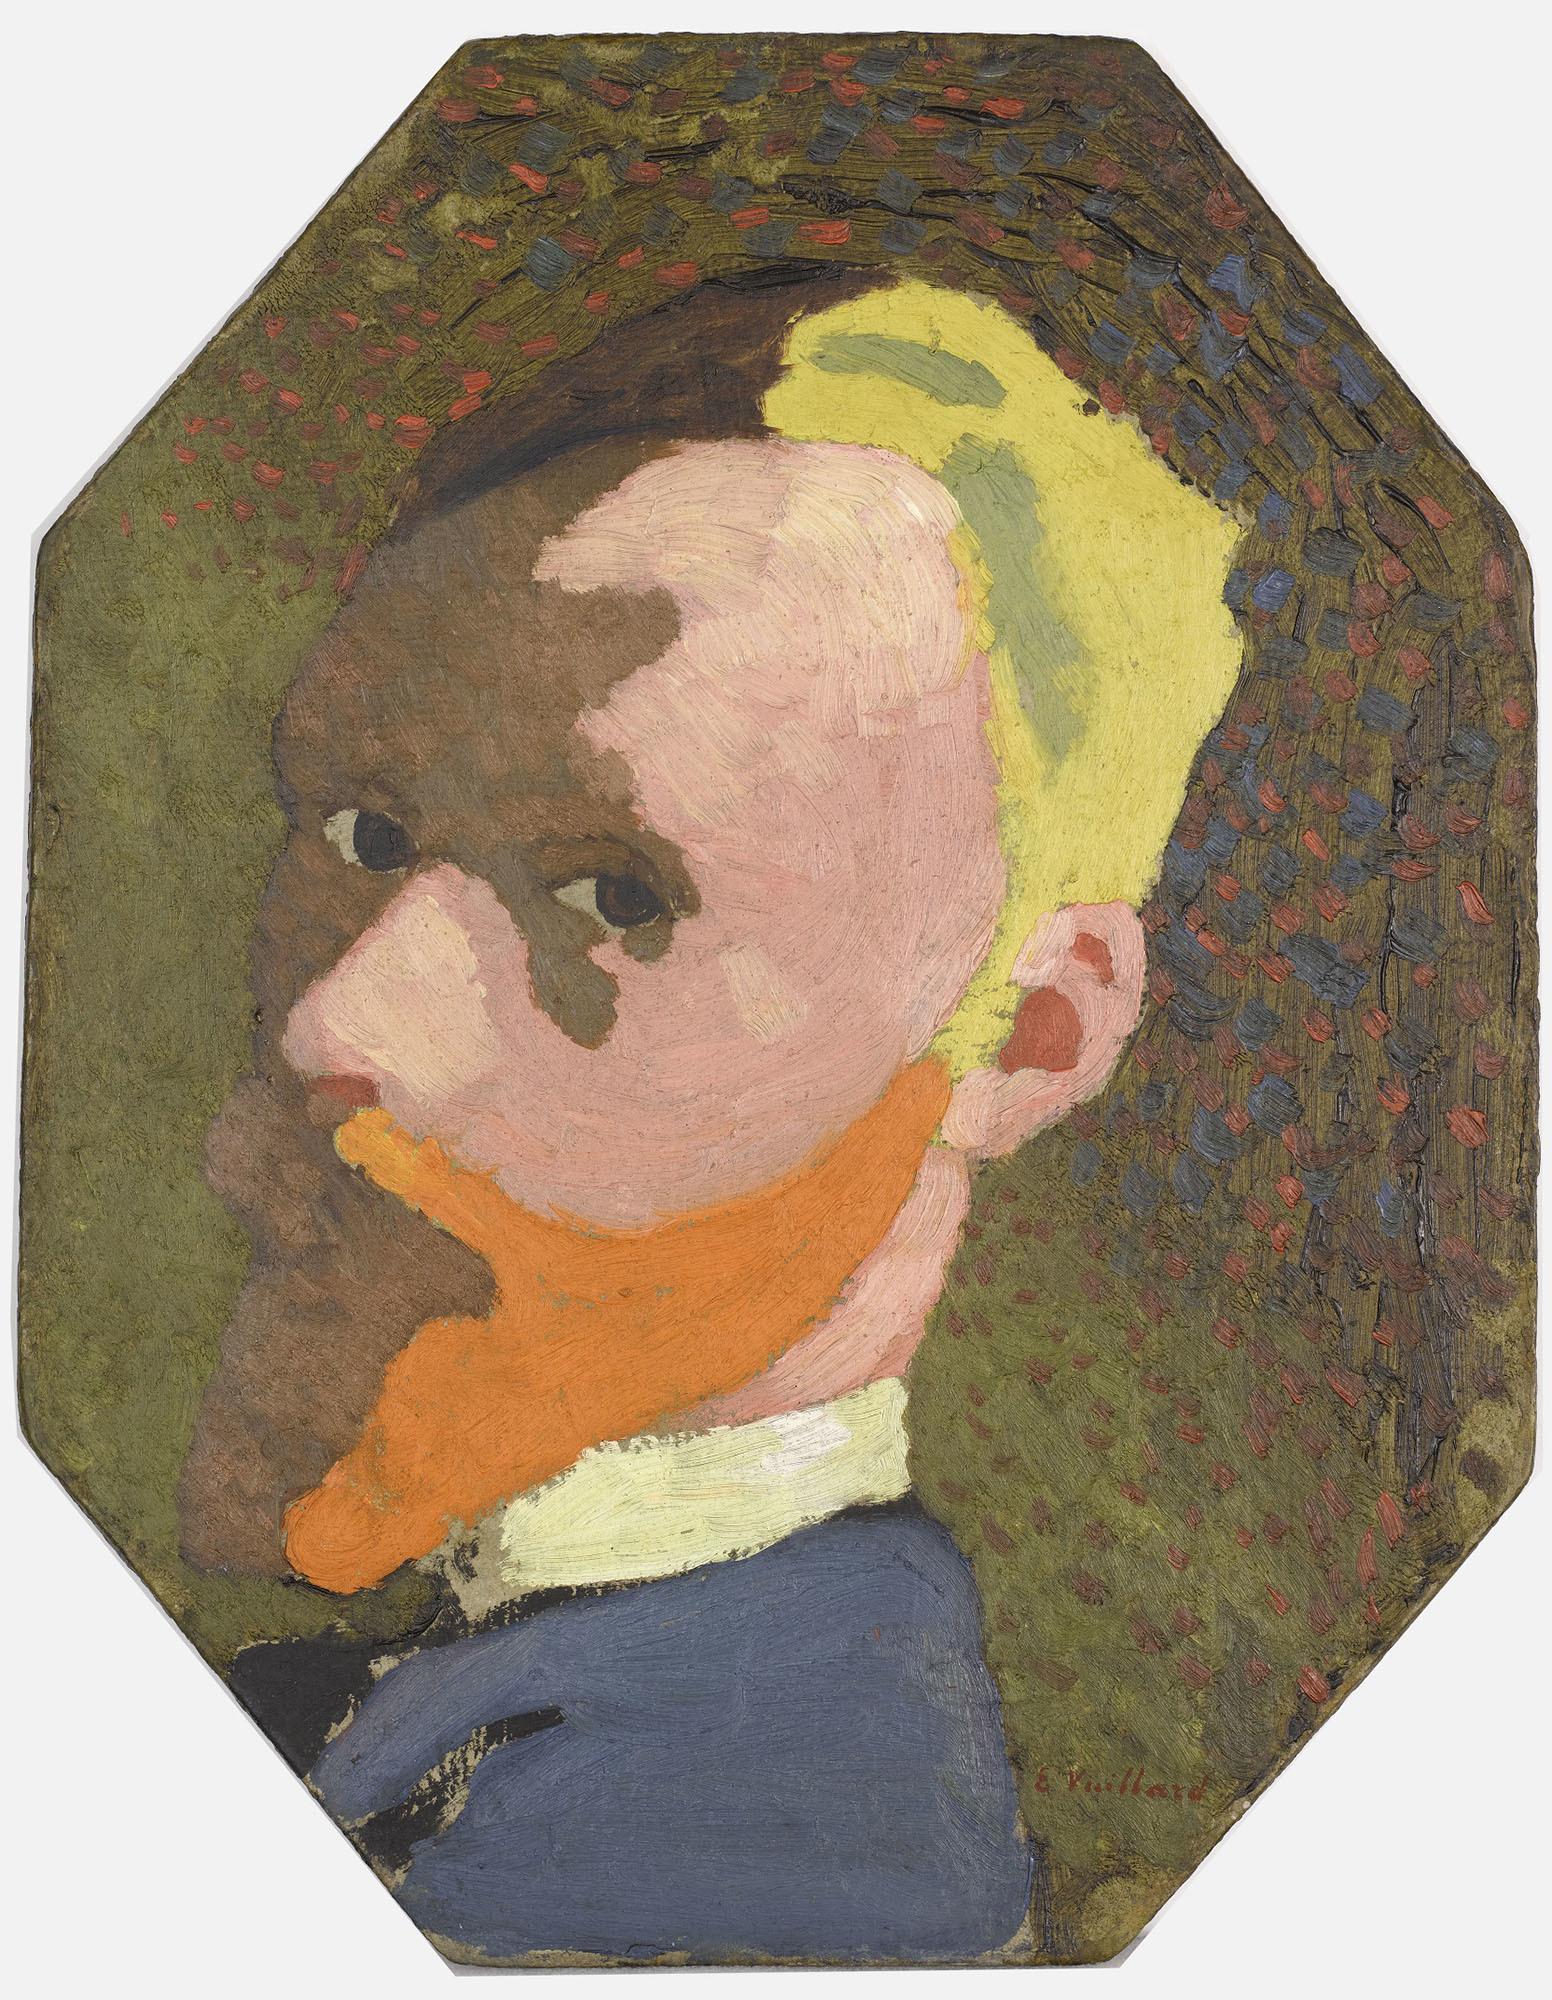 エドゥアール・ヴュイヤール 《八角形の自画像》 1890年頃 油彩/厚紙 © Musée d'Orsay, Dist. RMN-Grand Palais / Patrice Schmidt / distributed by AMF